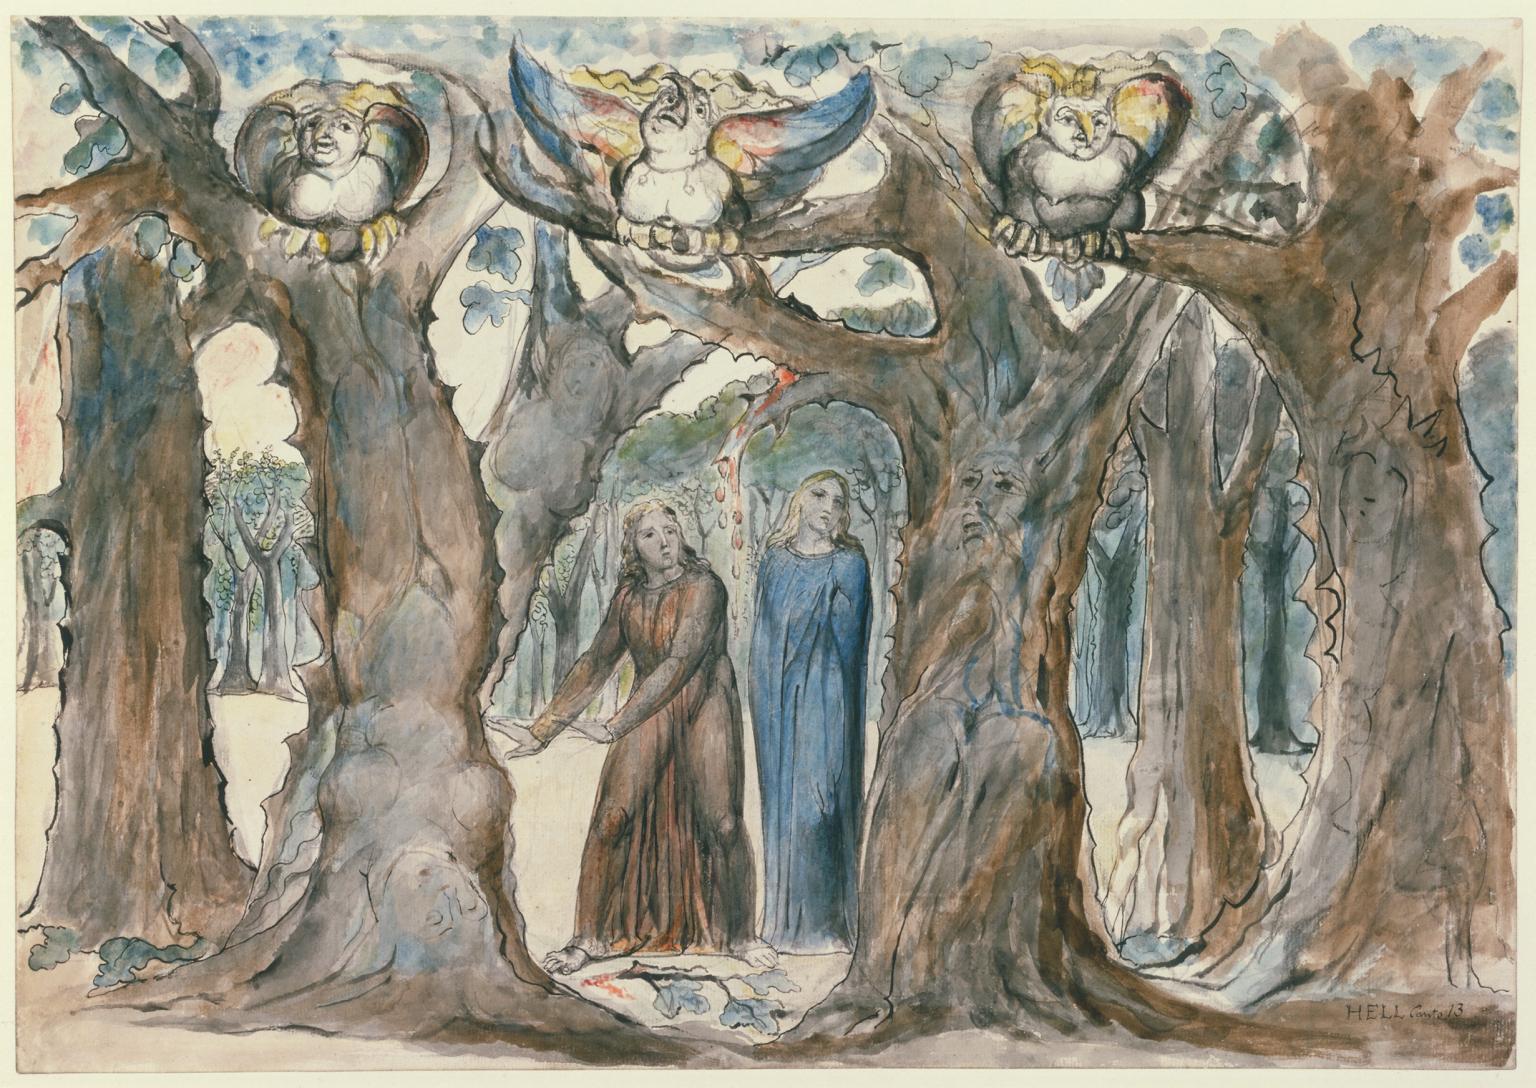 William Blake dipinse l'incontro tra Dante e Pier delle Vigne descritto nella Commedia.